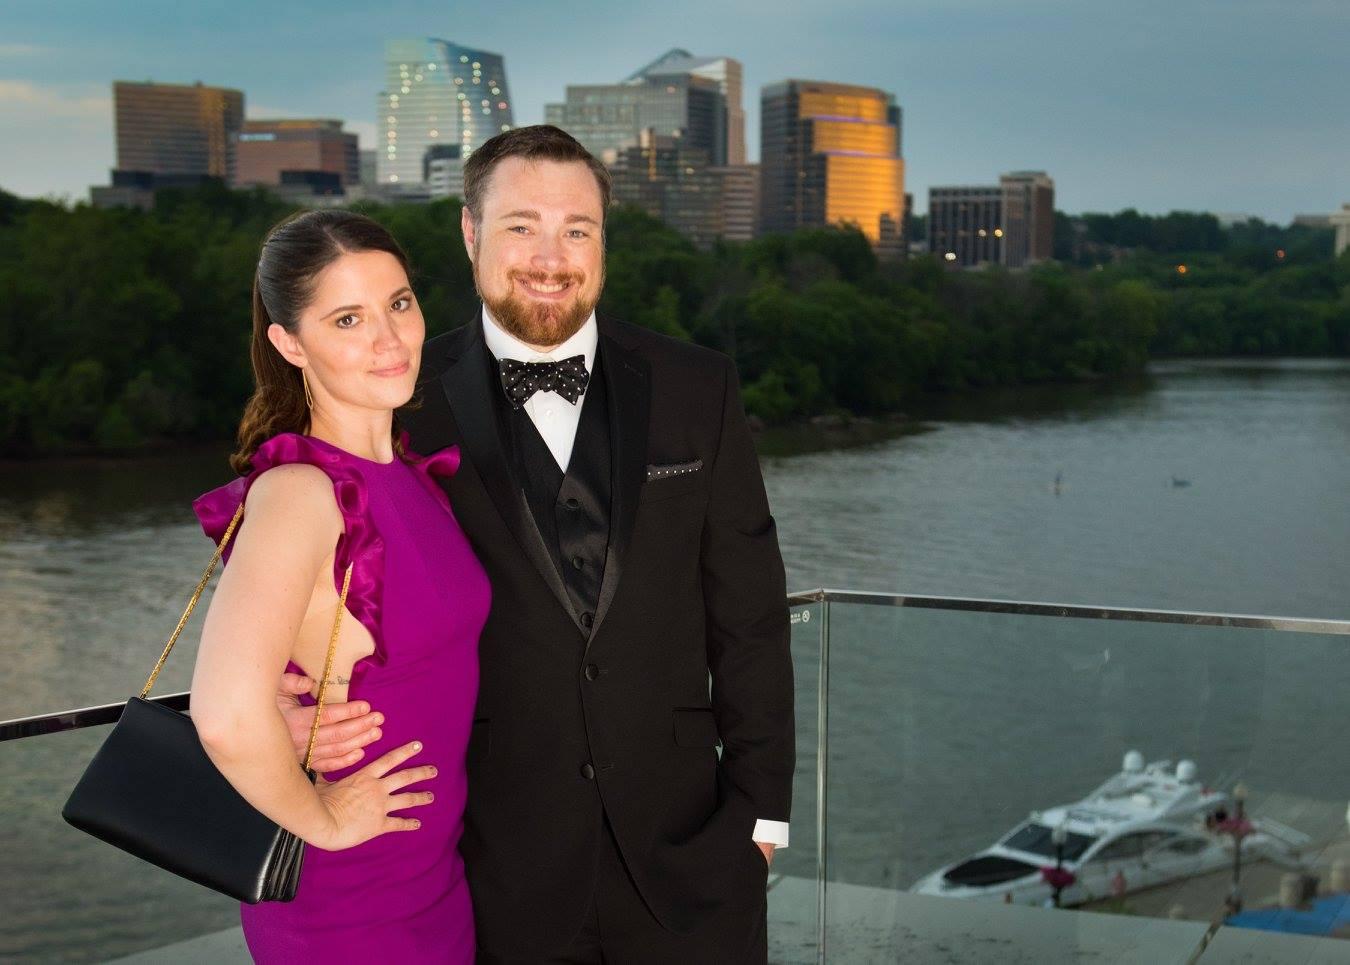 Ms. Candice Greaux, Mr. Brian Walker